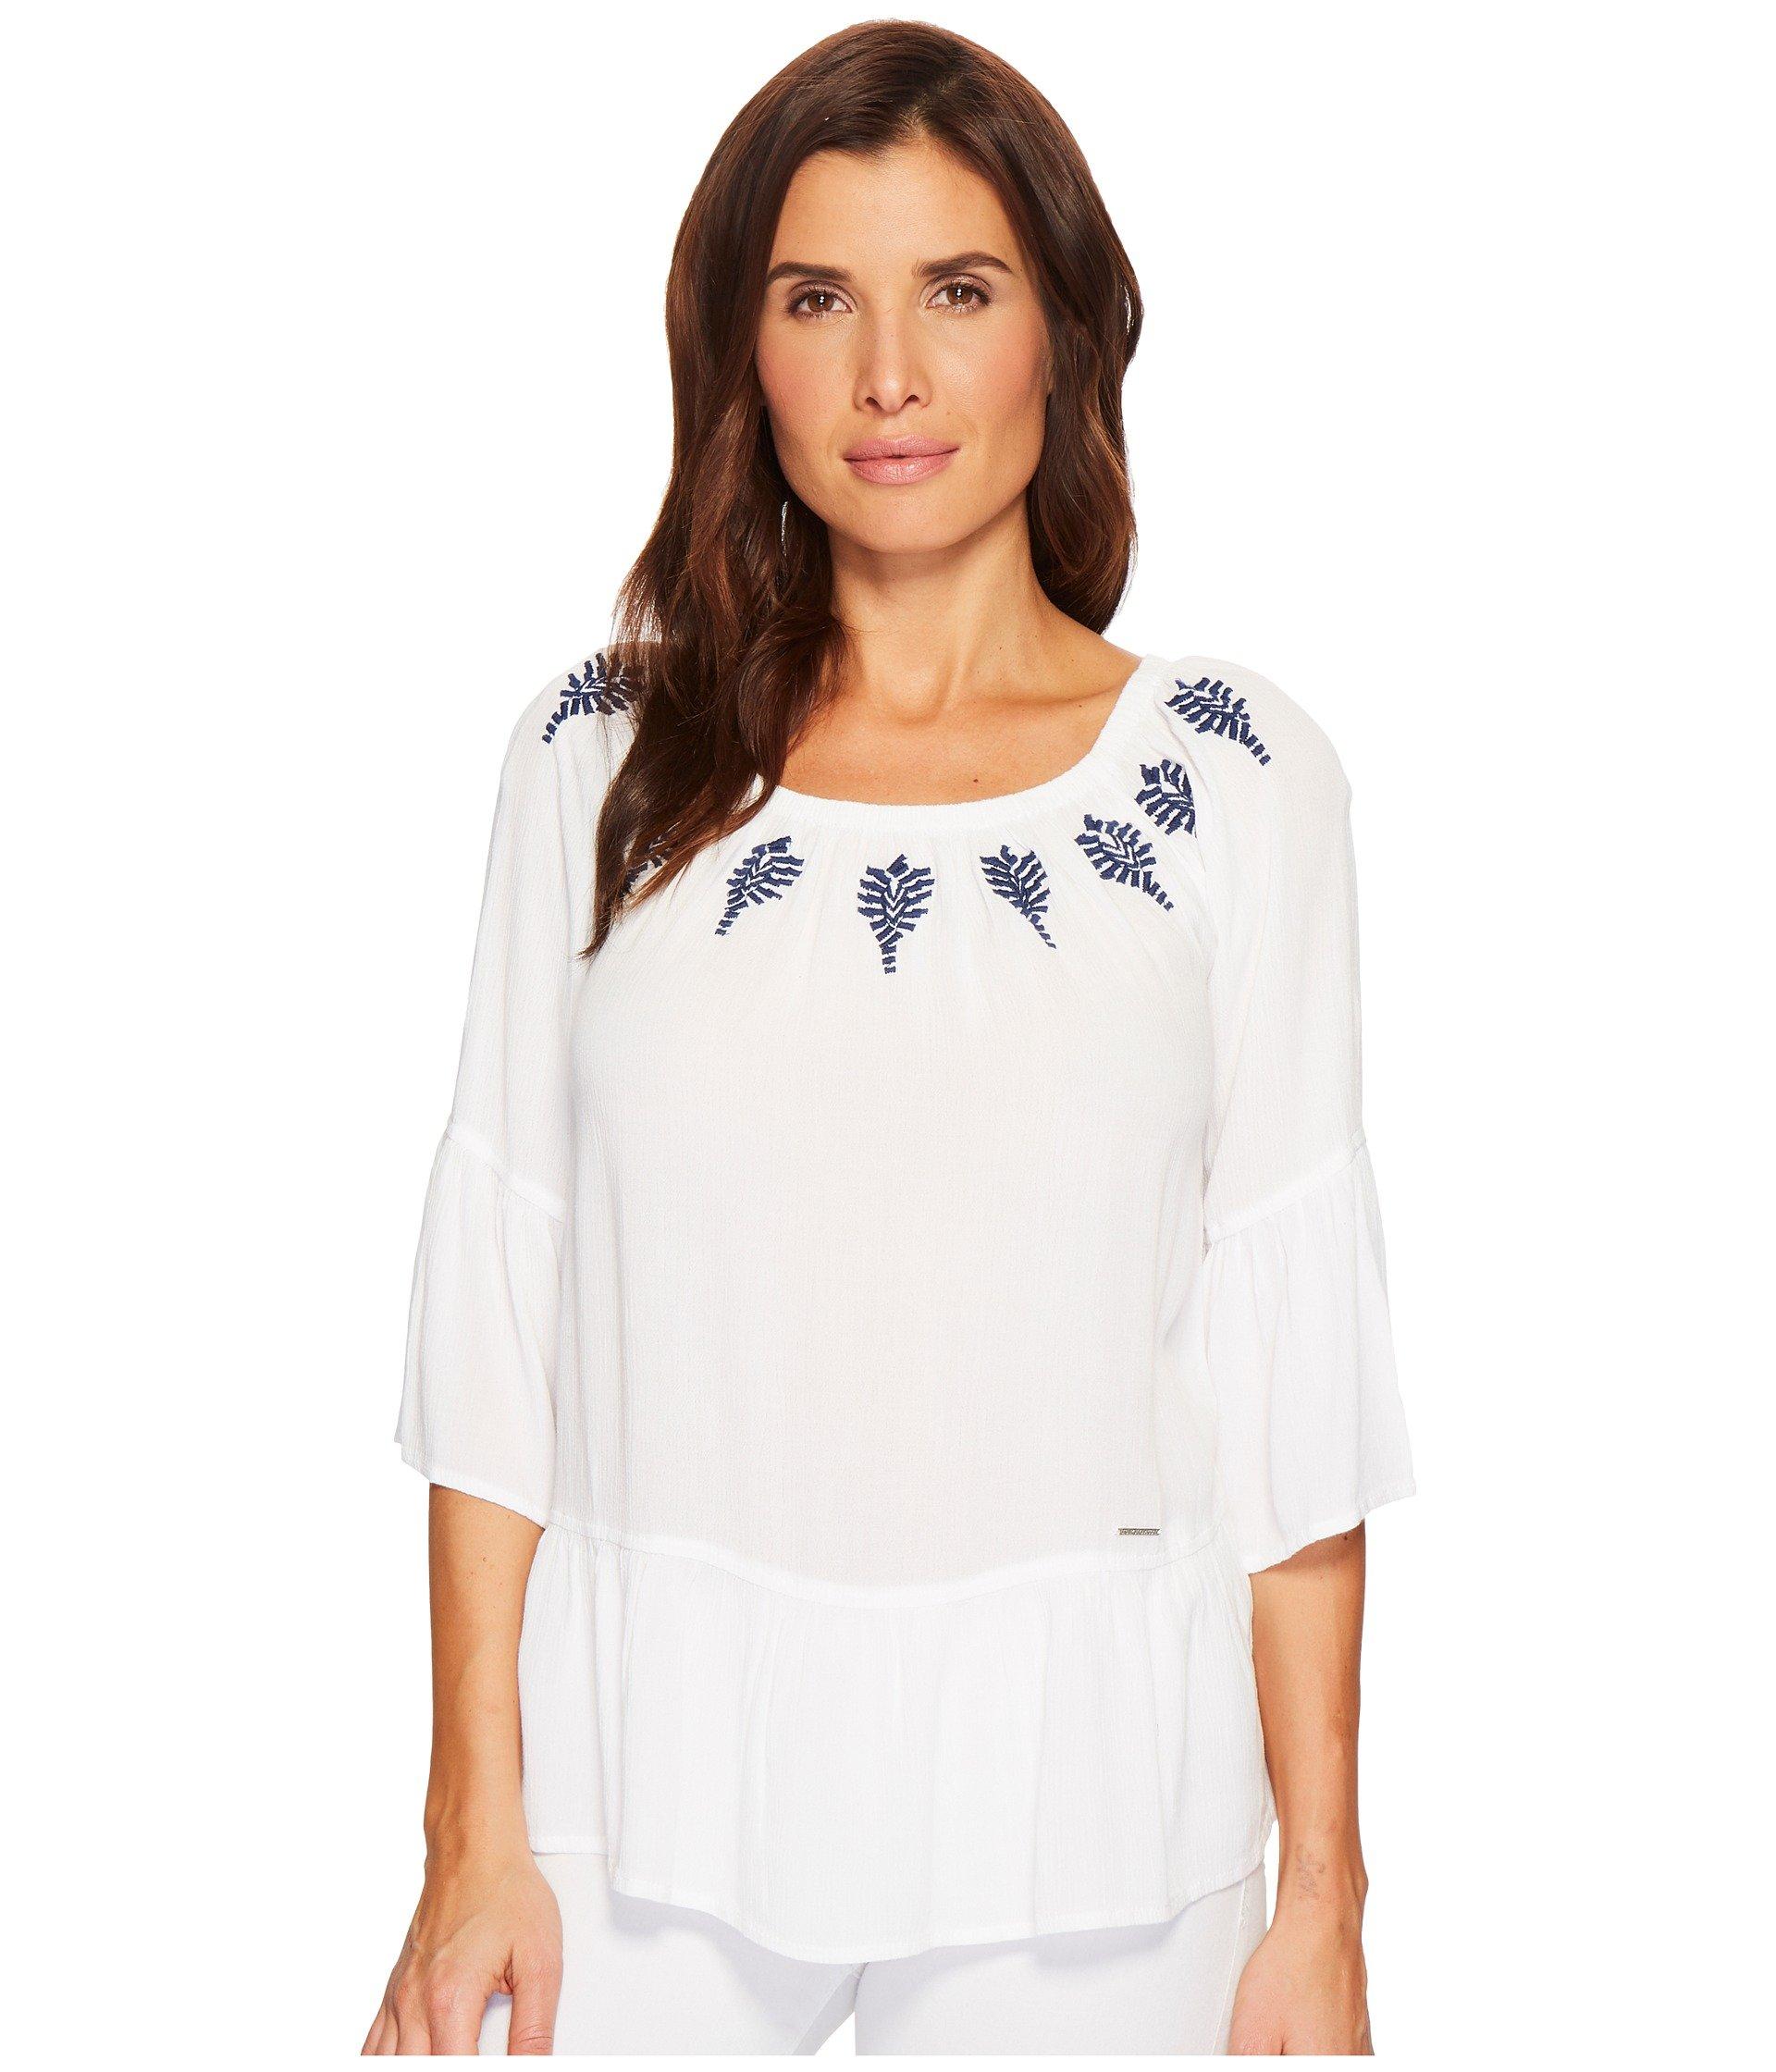 Blusa para Mujer U.S. POLO ASSN. Elbow Peasant Blouse  + U.S. POLO ASSN. en VeoyCompro.net